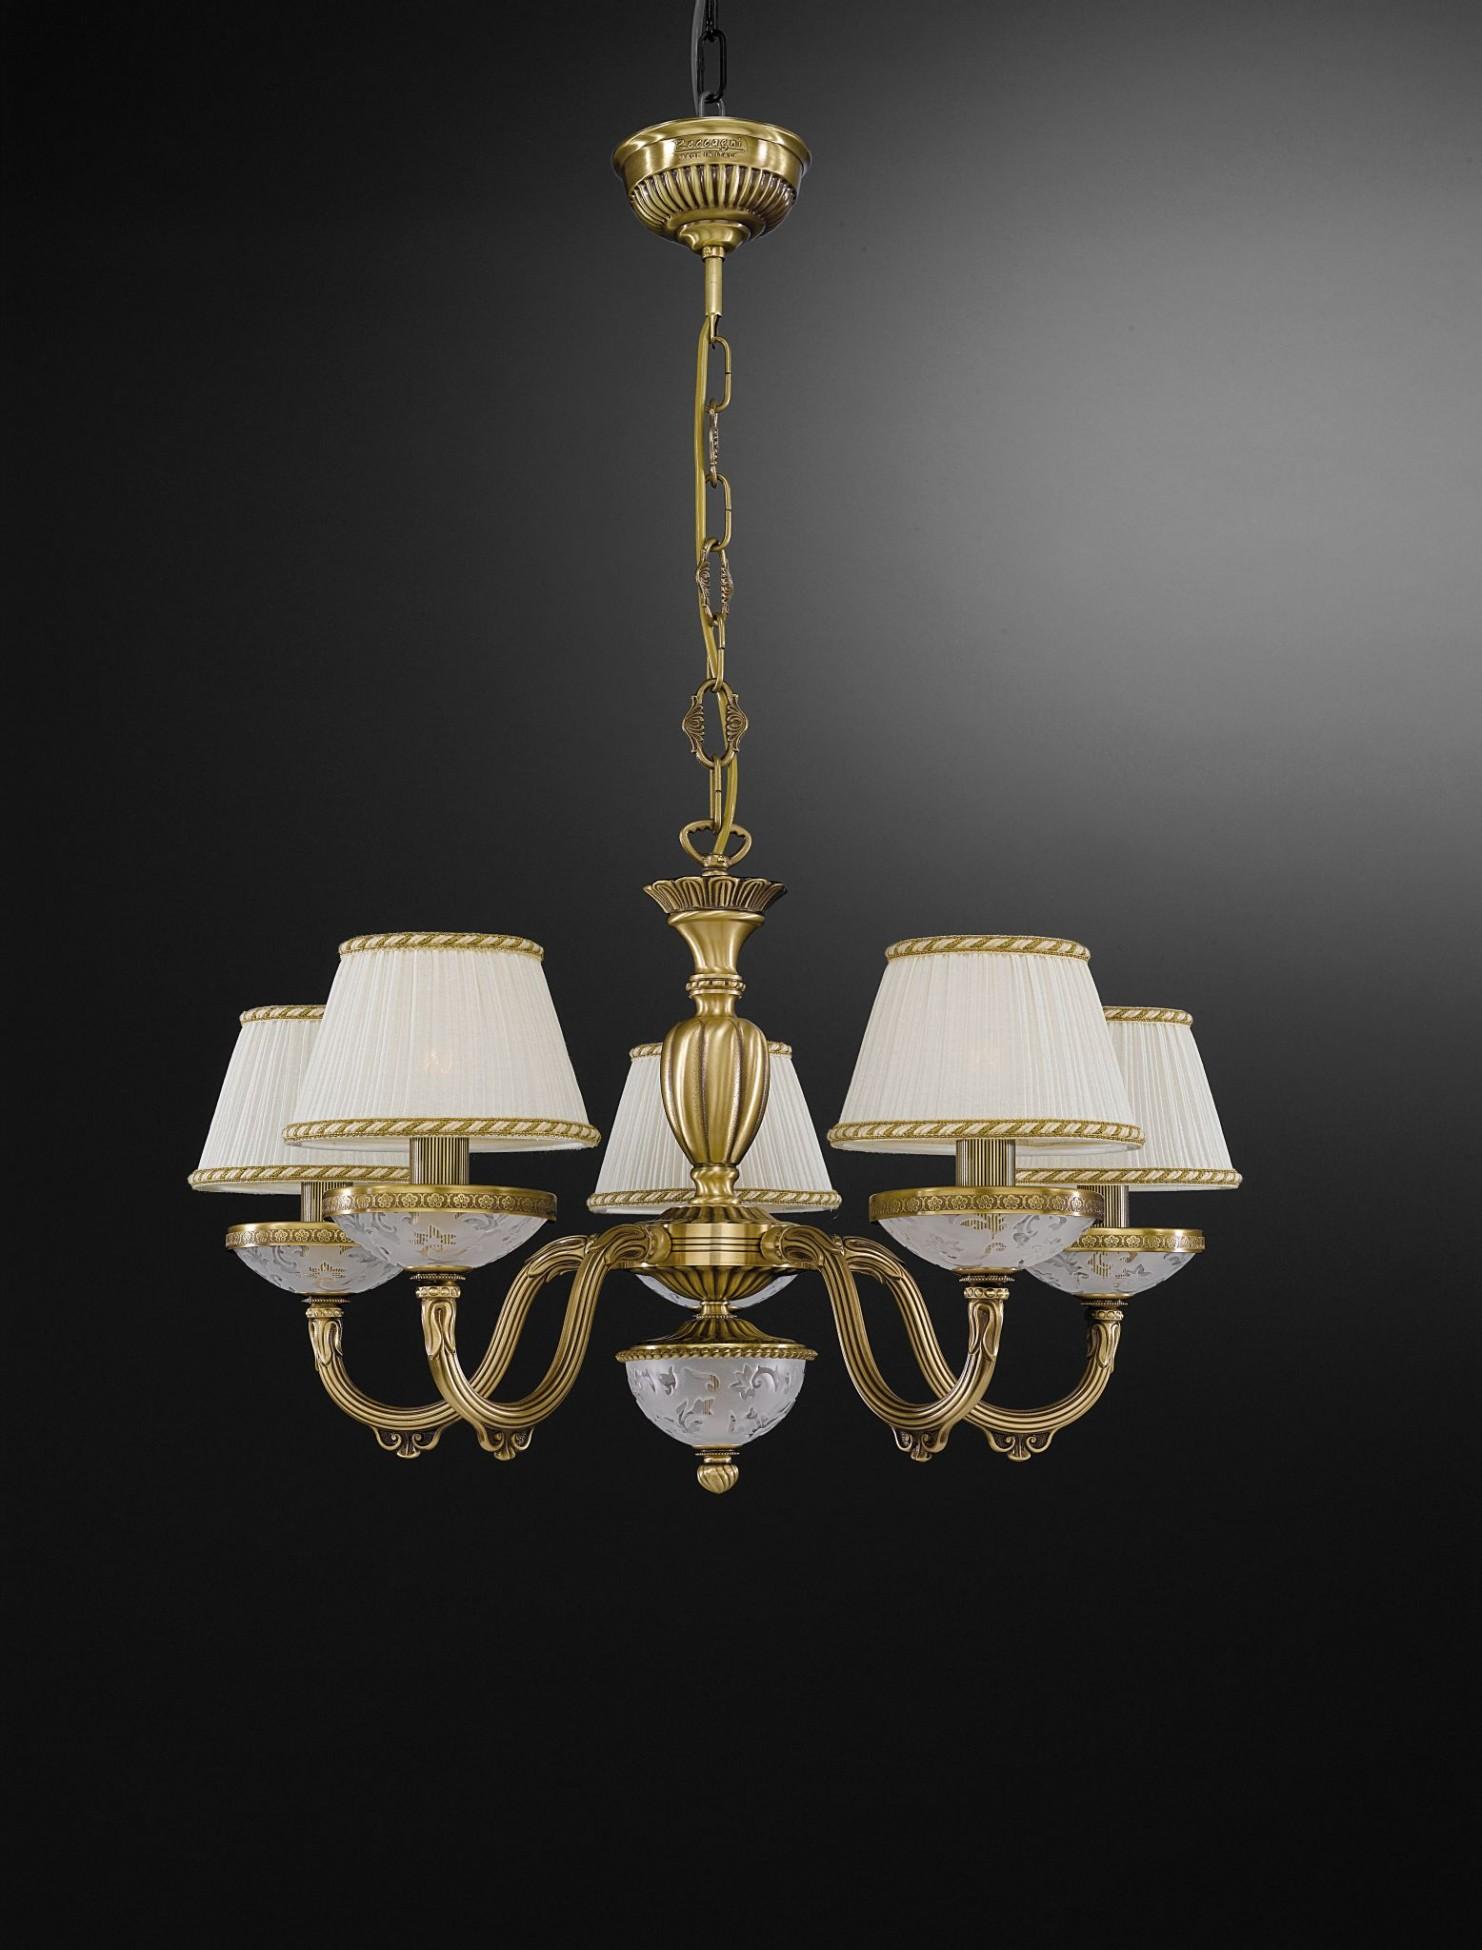 Lampadario in ottone e vetro satinato con paralumi 5 luci reccagni store - Kronleuchter mit lampenschirm ...